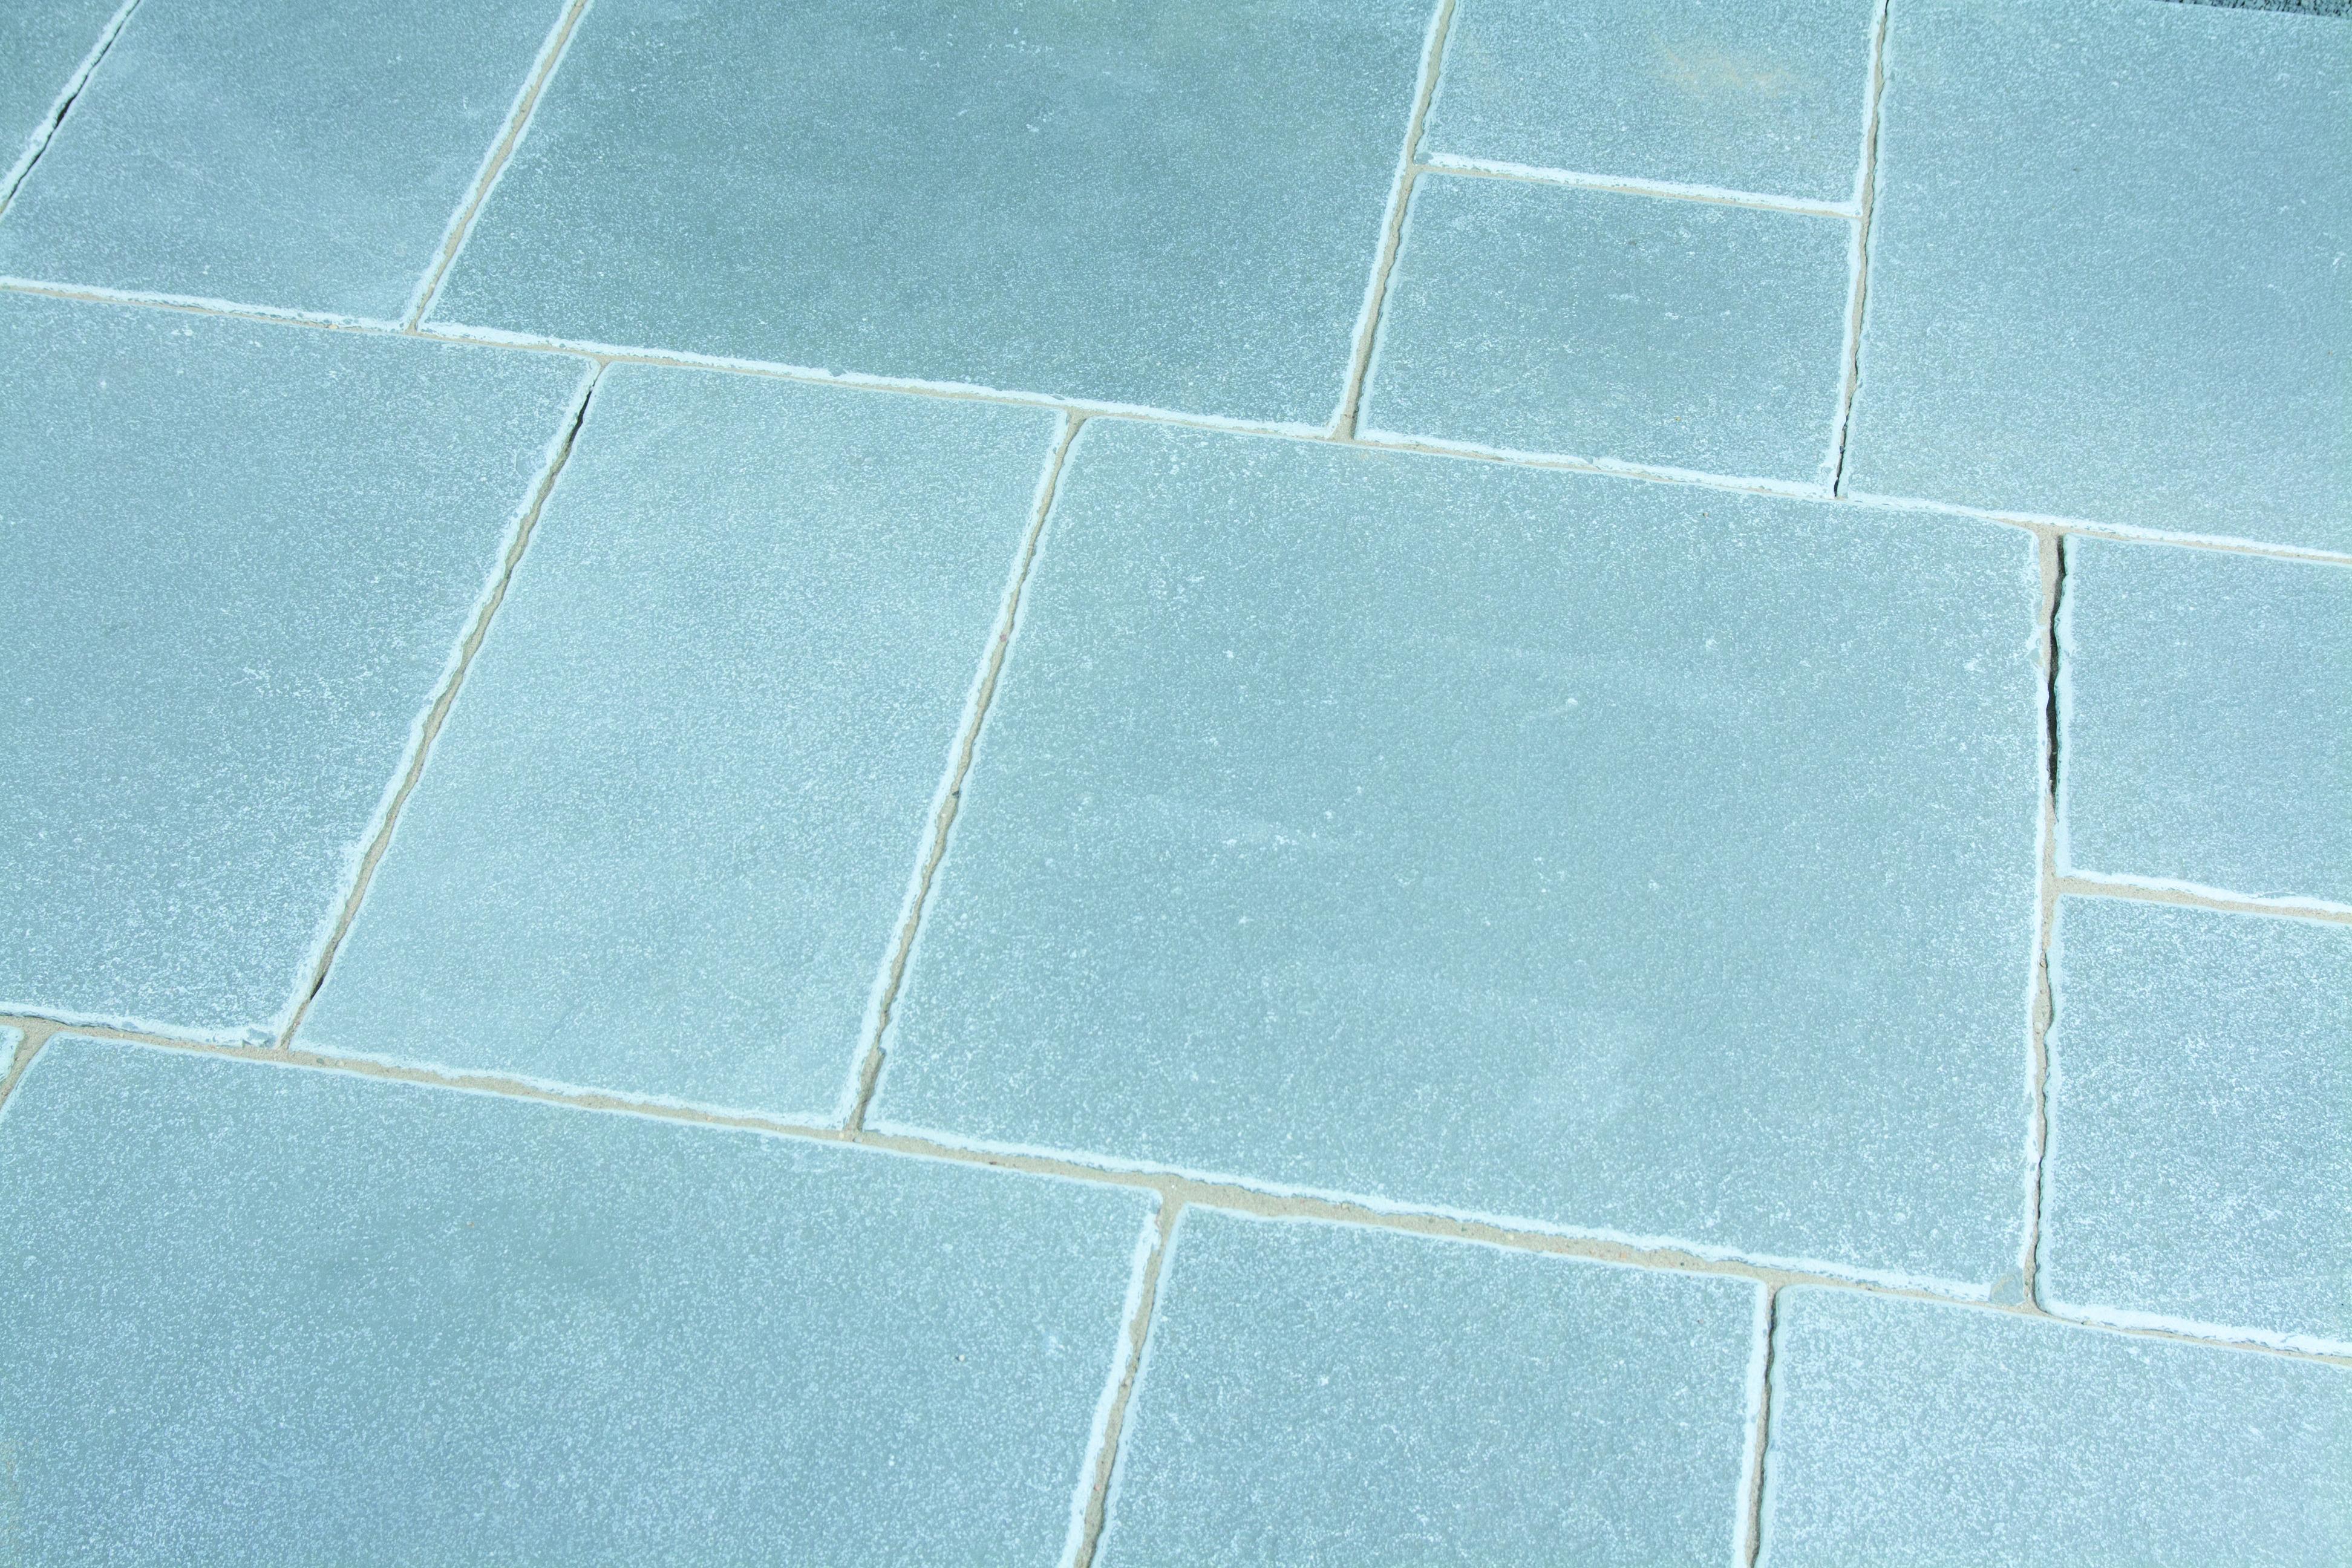 Marrakesch 90x60x3cm grau blau